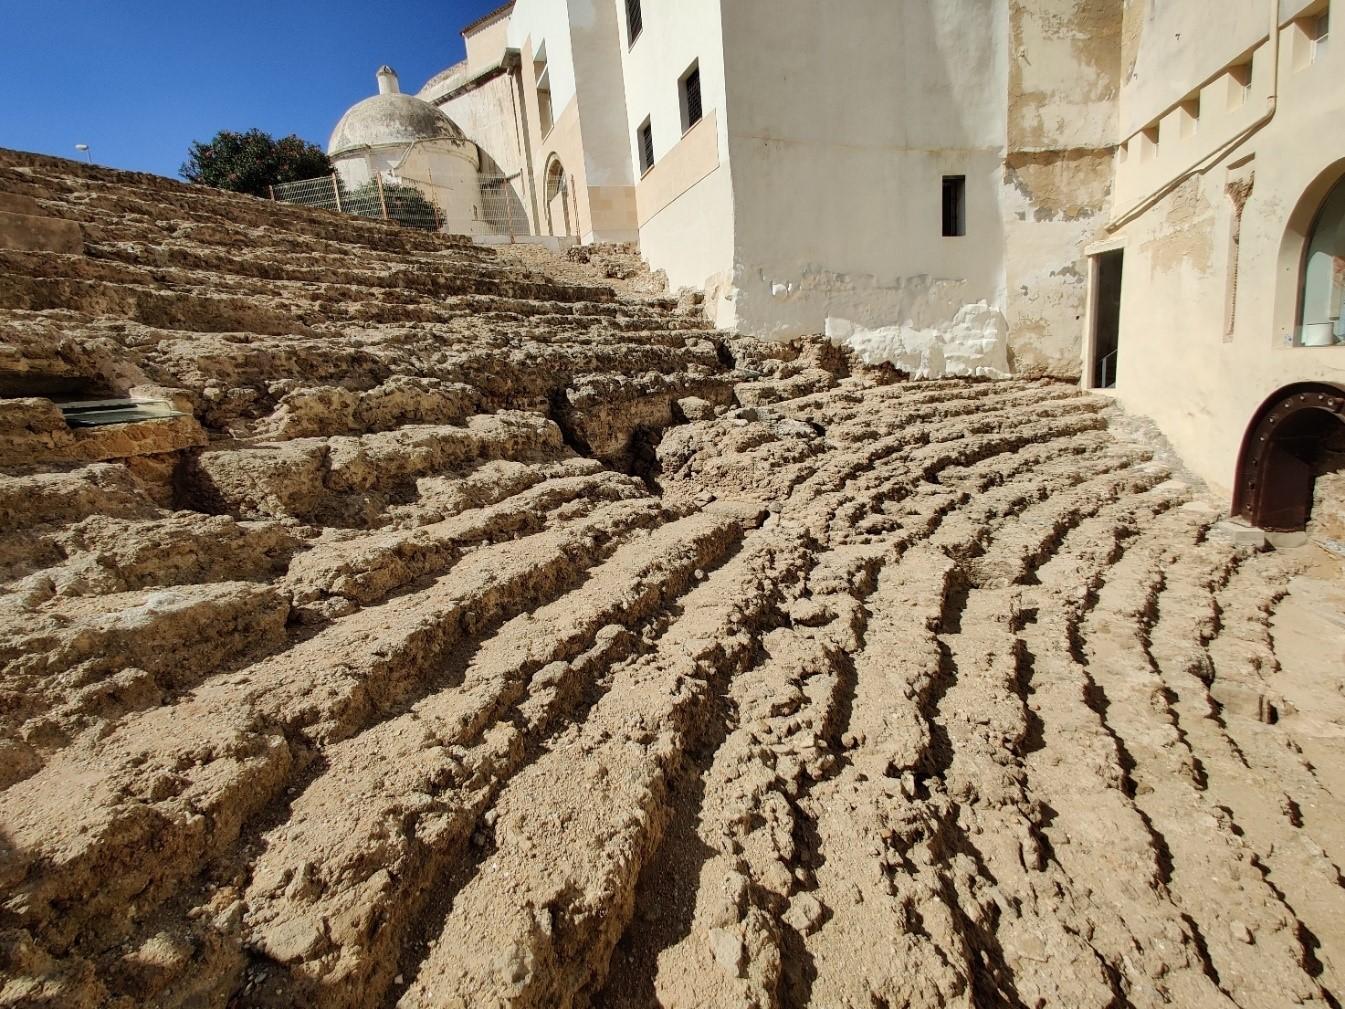 Vanha raunioitunut amfiteatteri. Kuvassa näkyy teatterin rappeutuneita penkkirivejä.